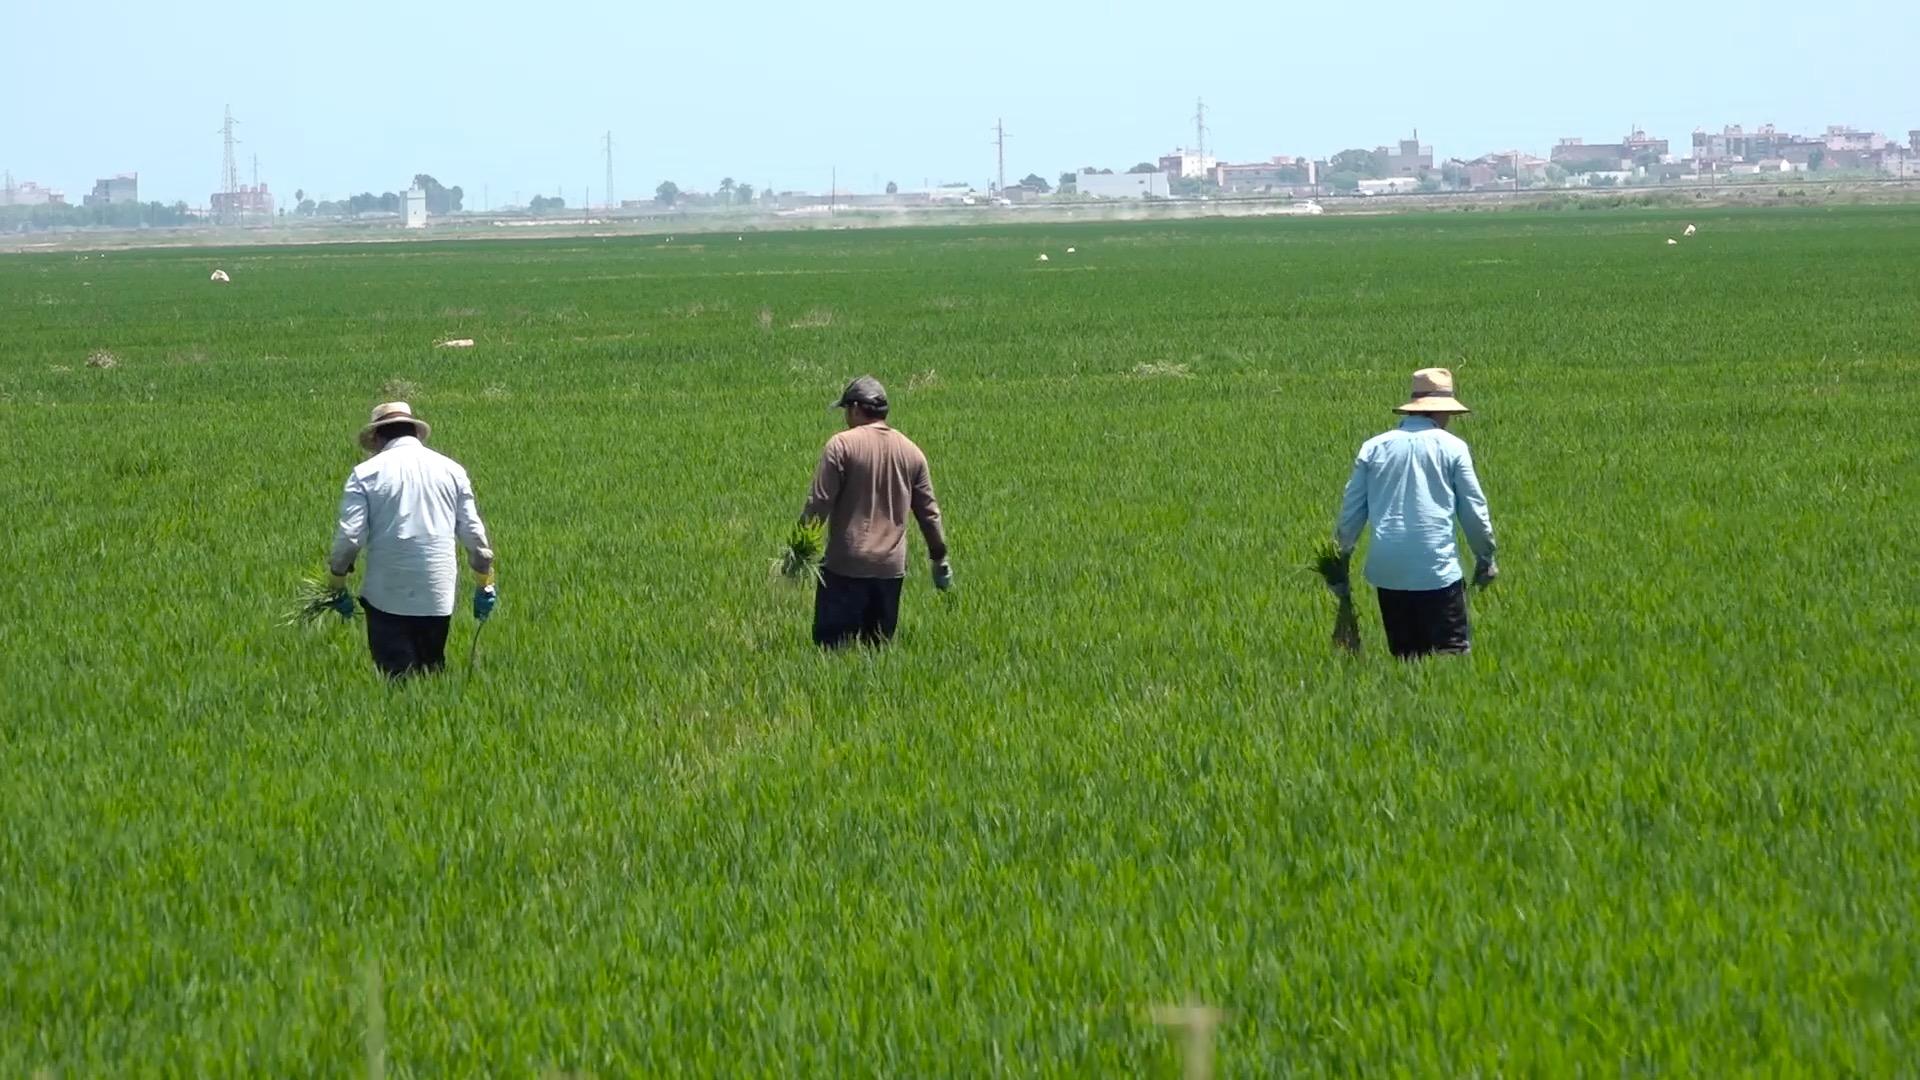 Das Engagement der EU für landwirtschaftliche Innovationen ist auch für den Verbraucher von Vorteil.